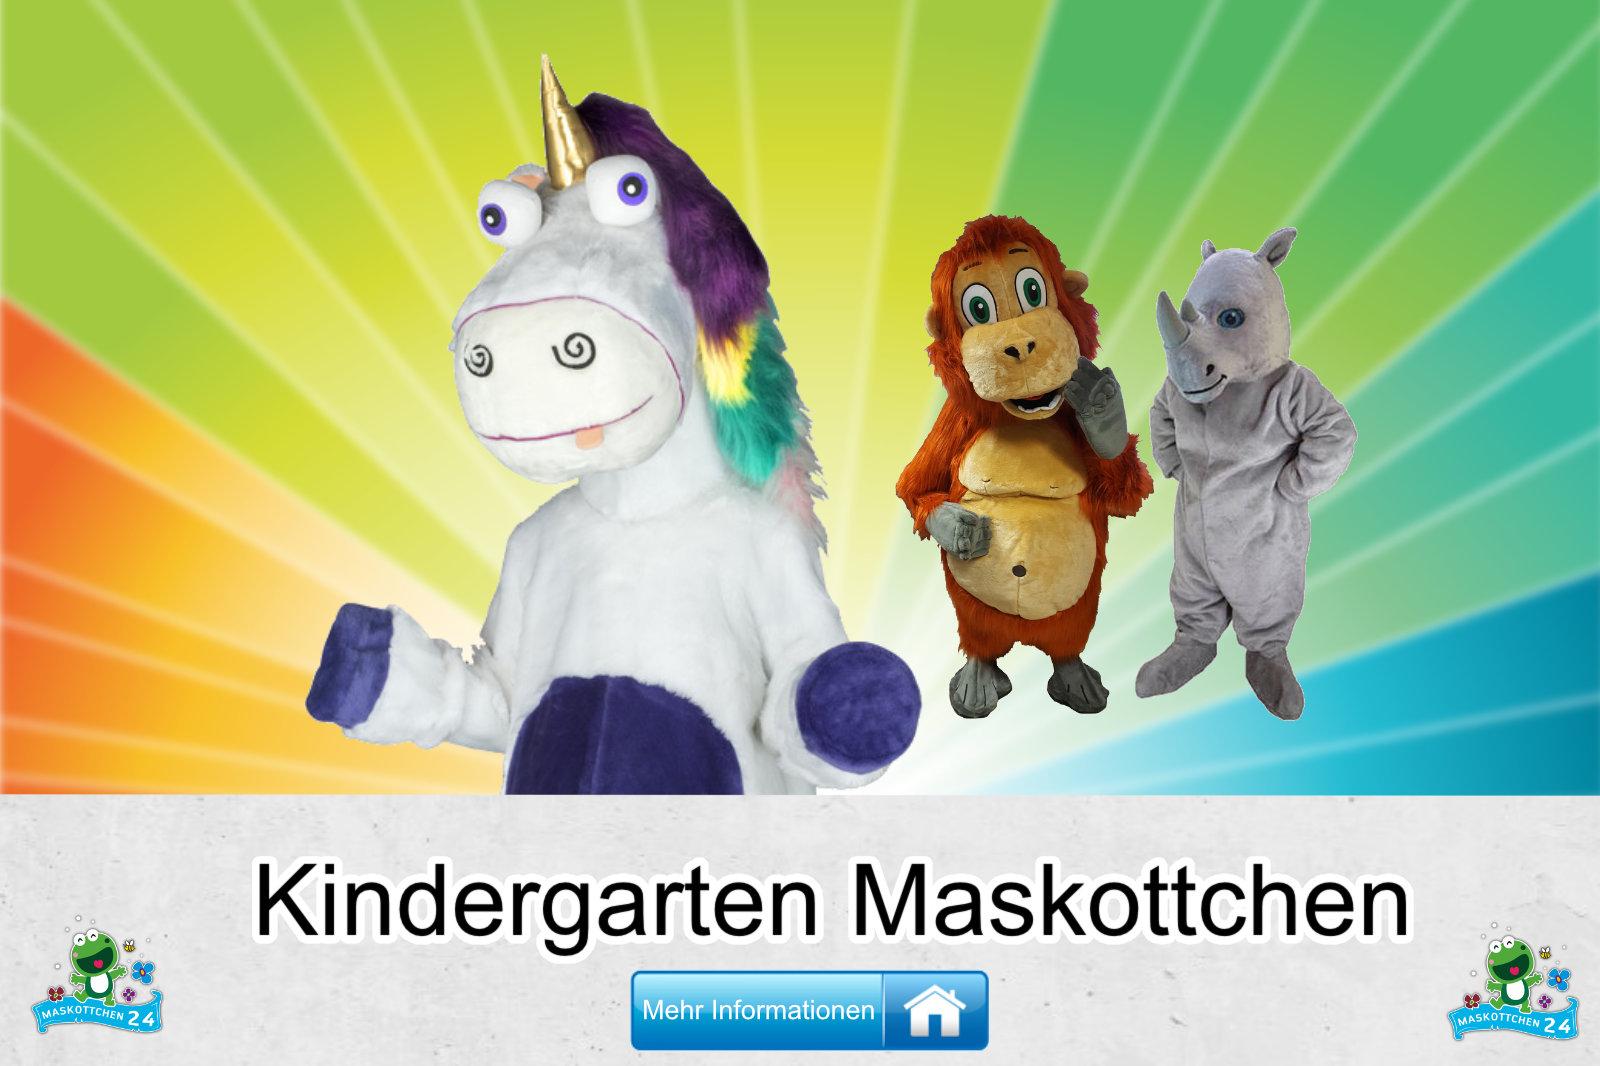 Kindergarten Kostüme Maskottchen Herstellung Firma günstig kaufen